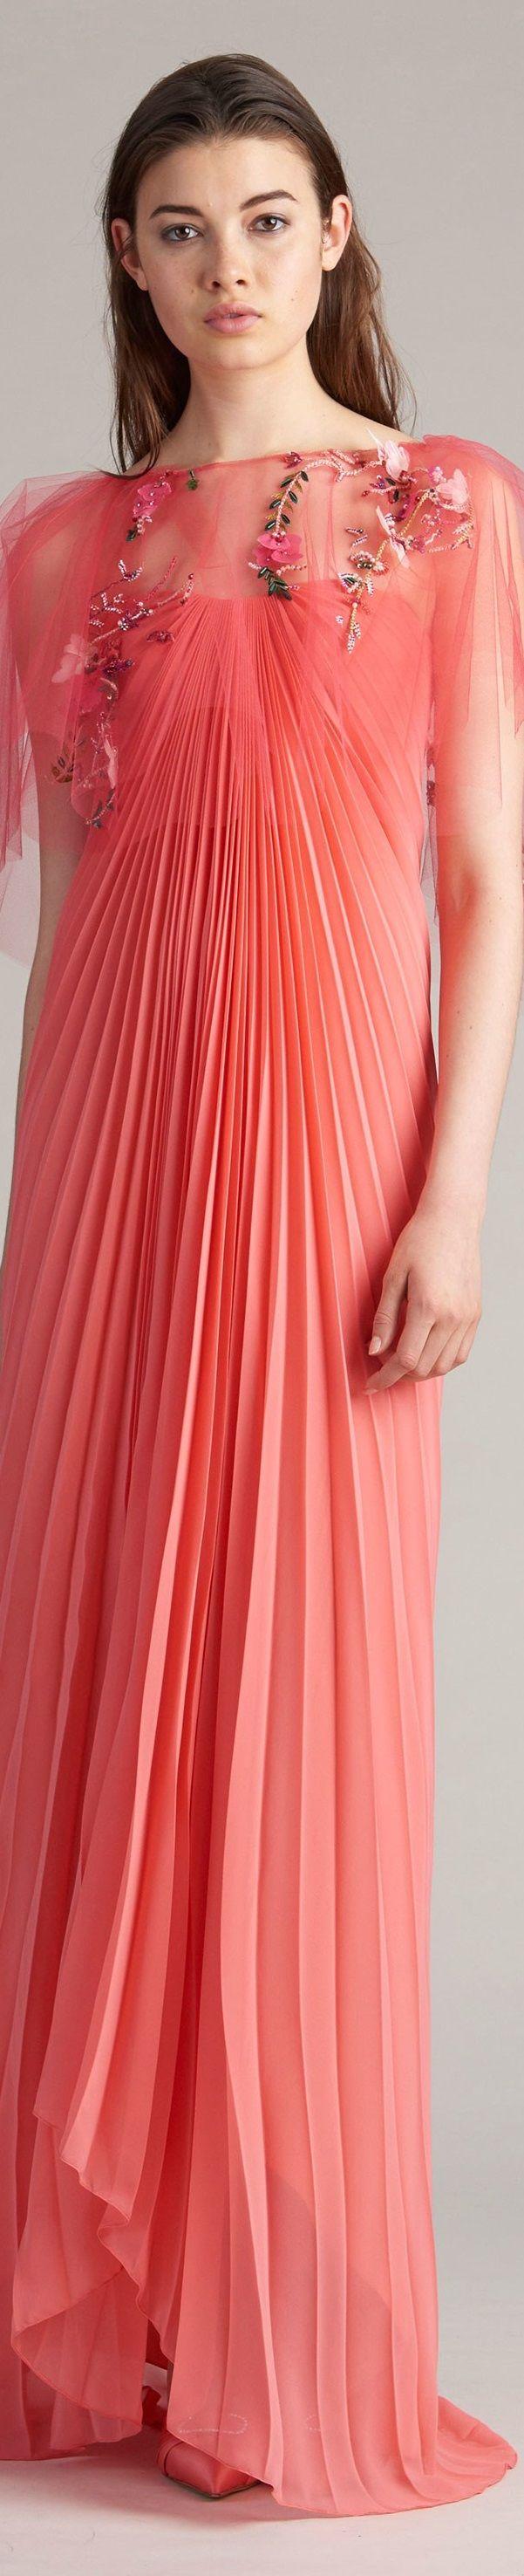 Monique lhuillier resort gowns pinterest monique